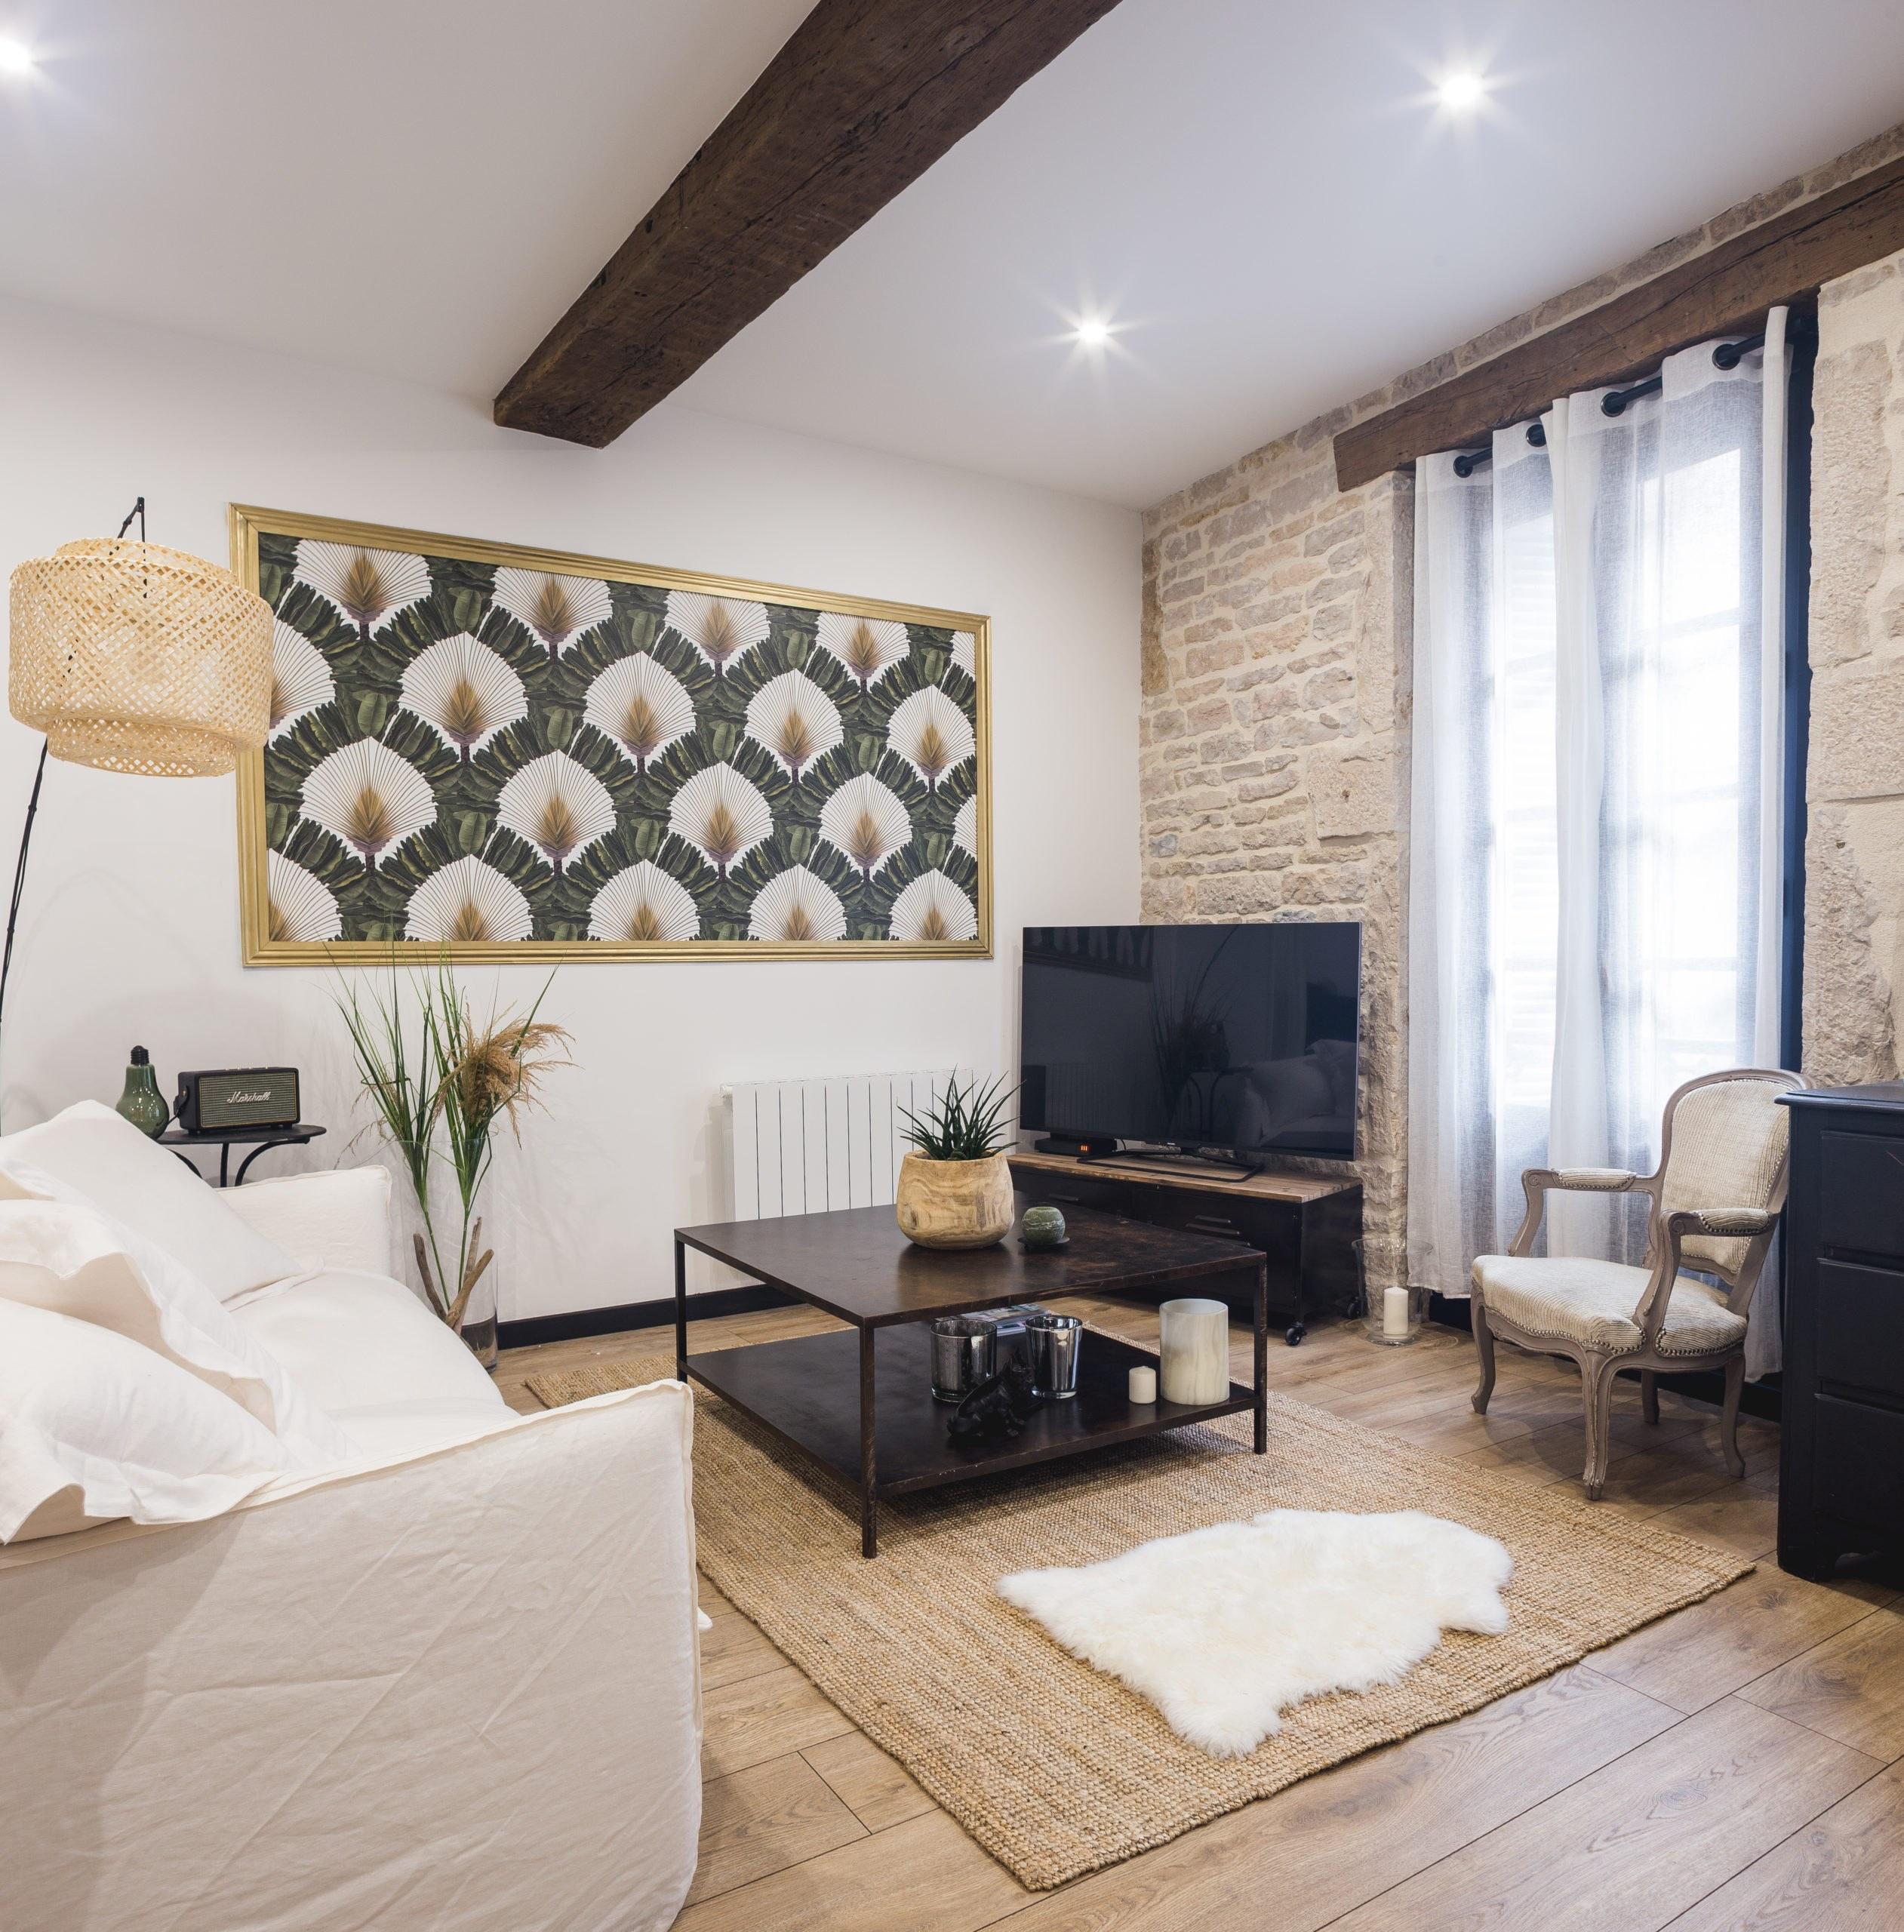 Décoration D Intérieur Dijon cordeliers - maison bassi - rénovation & décoration à dijon